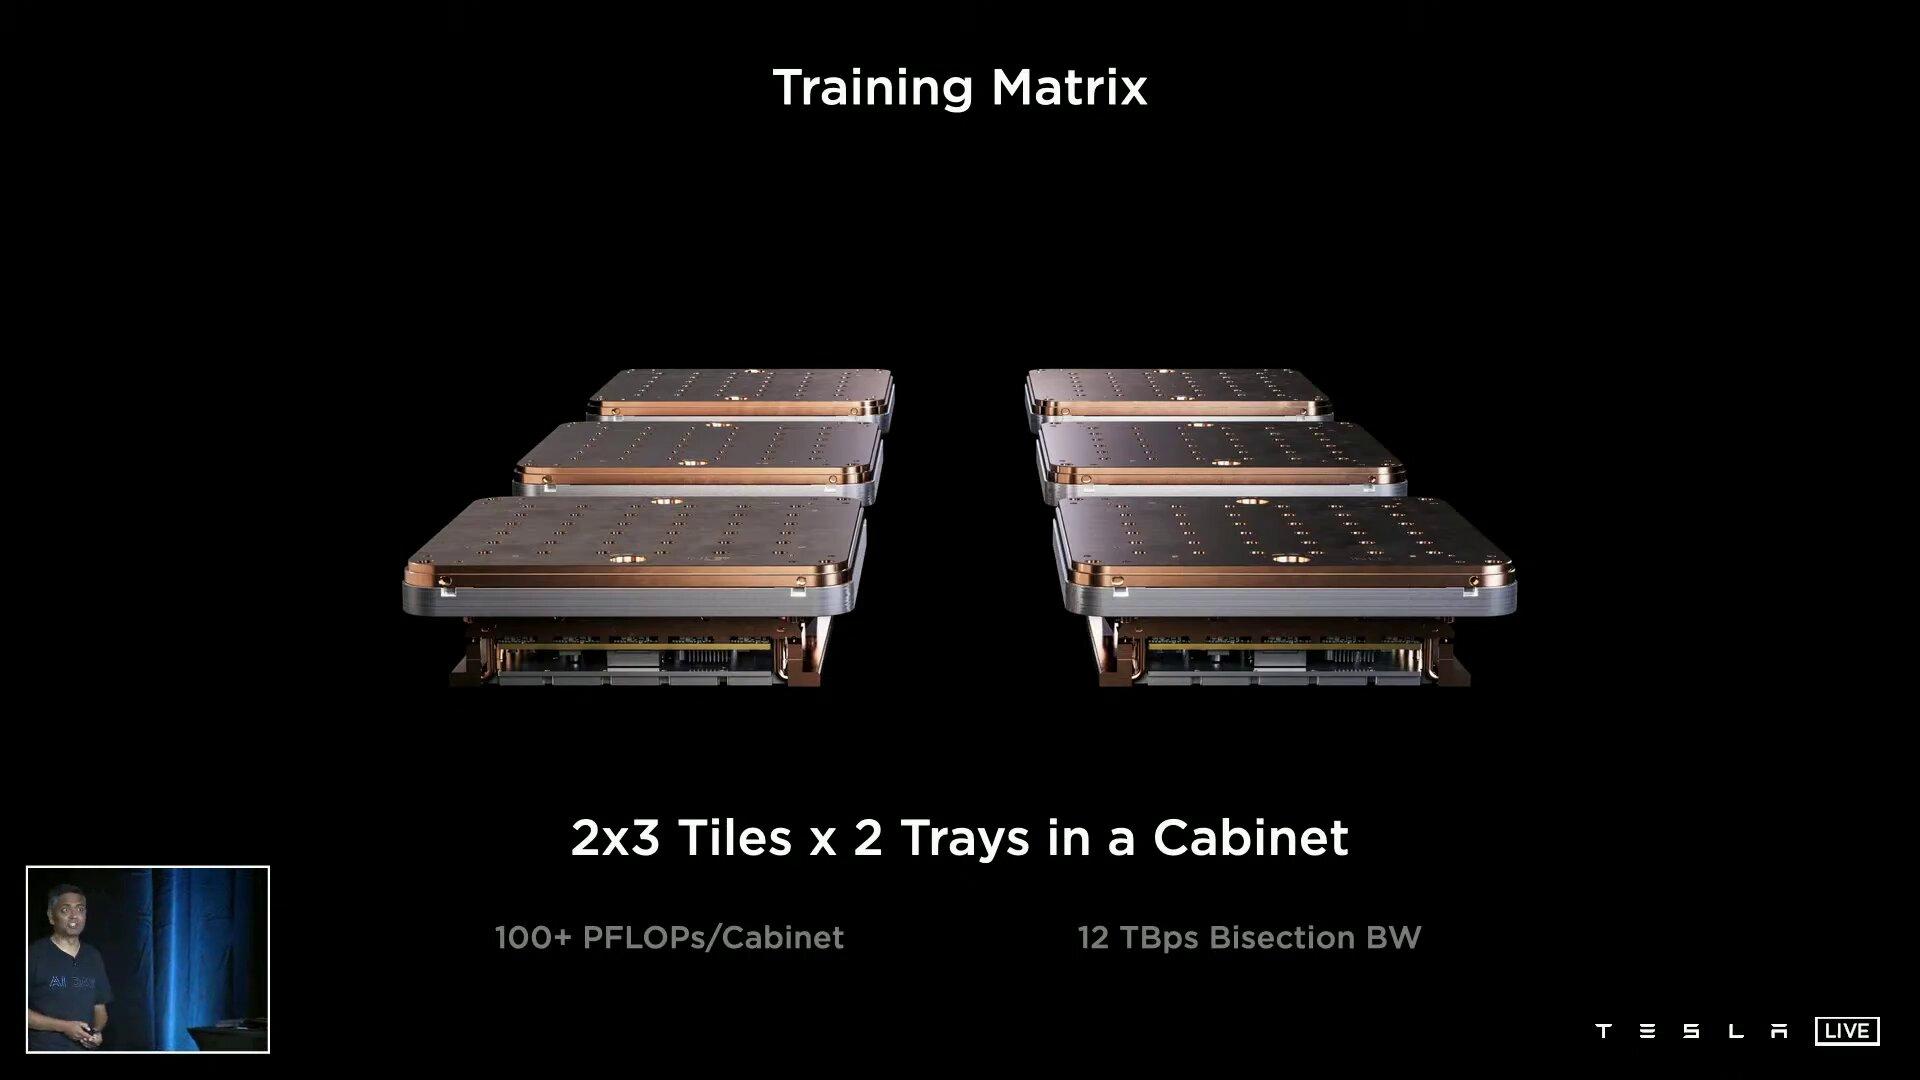 3 × 2 baldosas de entrenamiento × 2 bandejas por gabinete